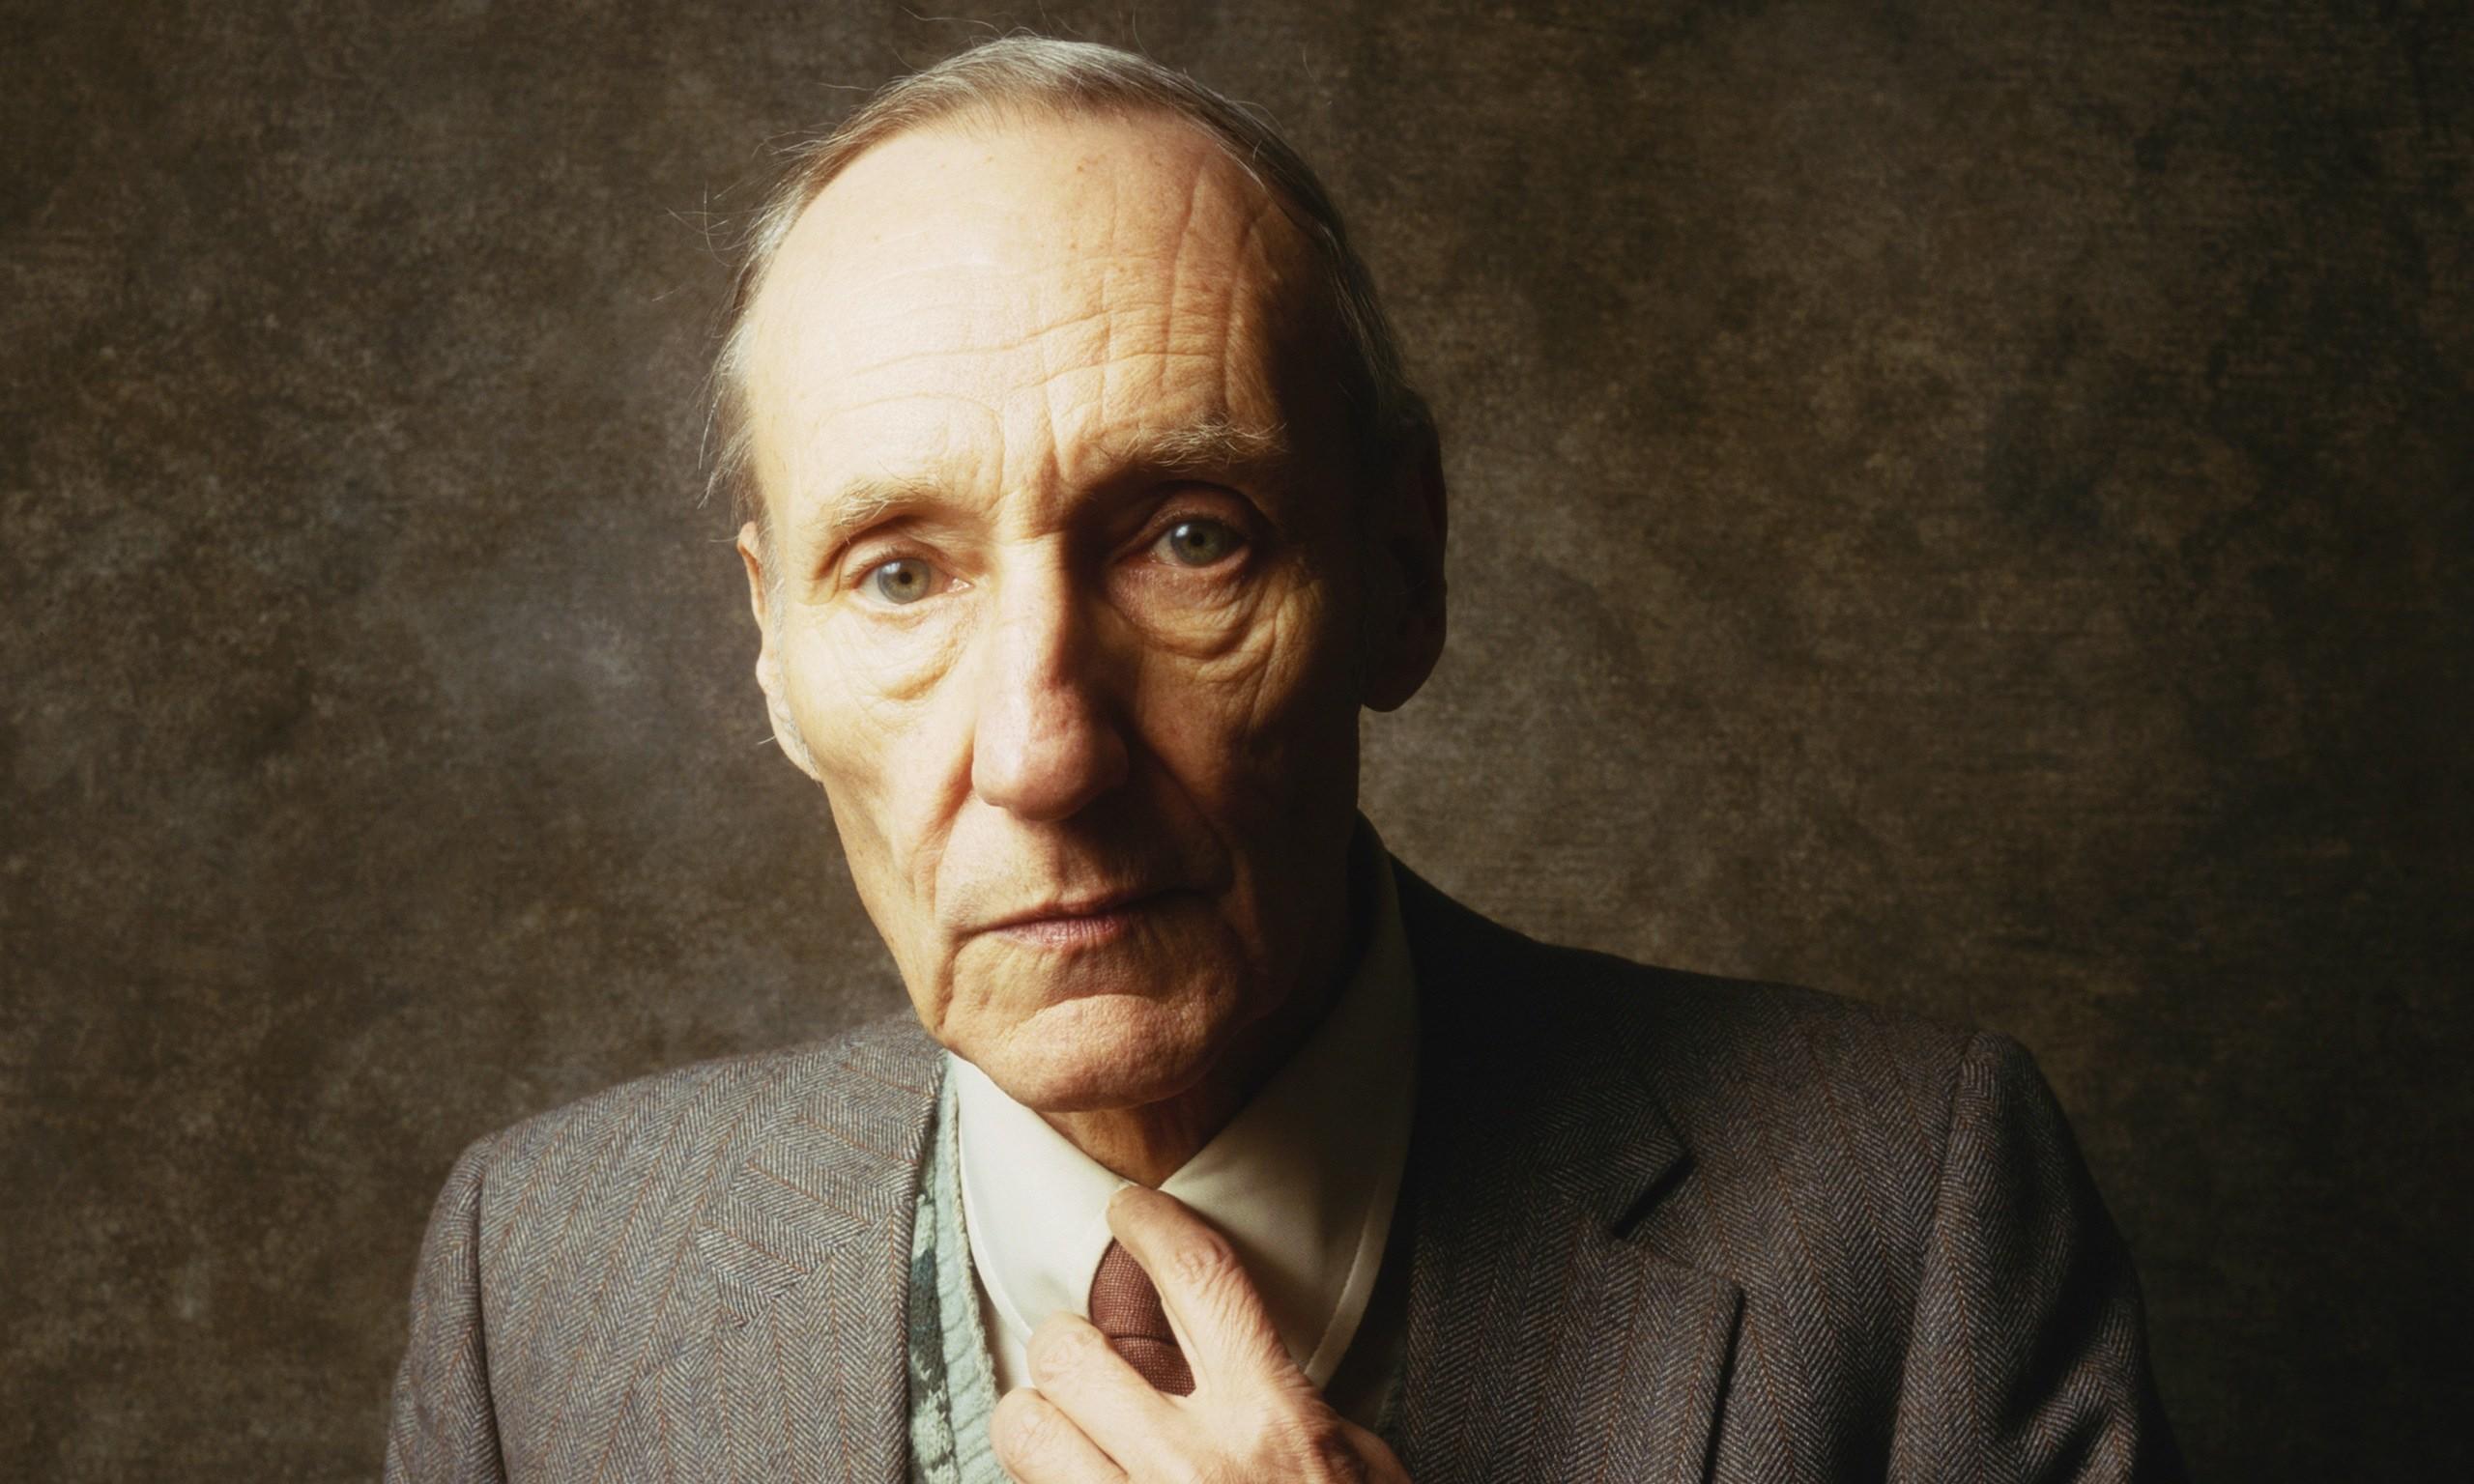 William S. Burroughs - William S. Burroughs Photo